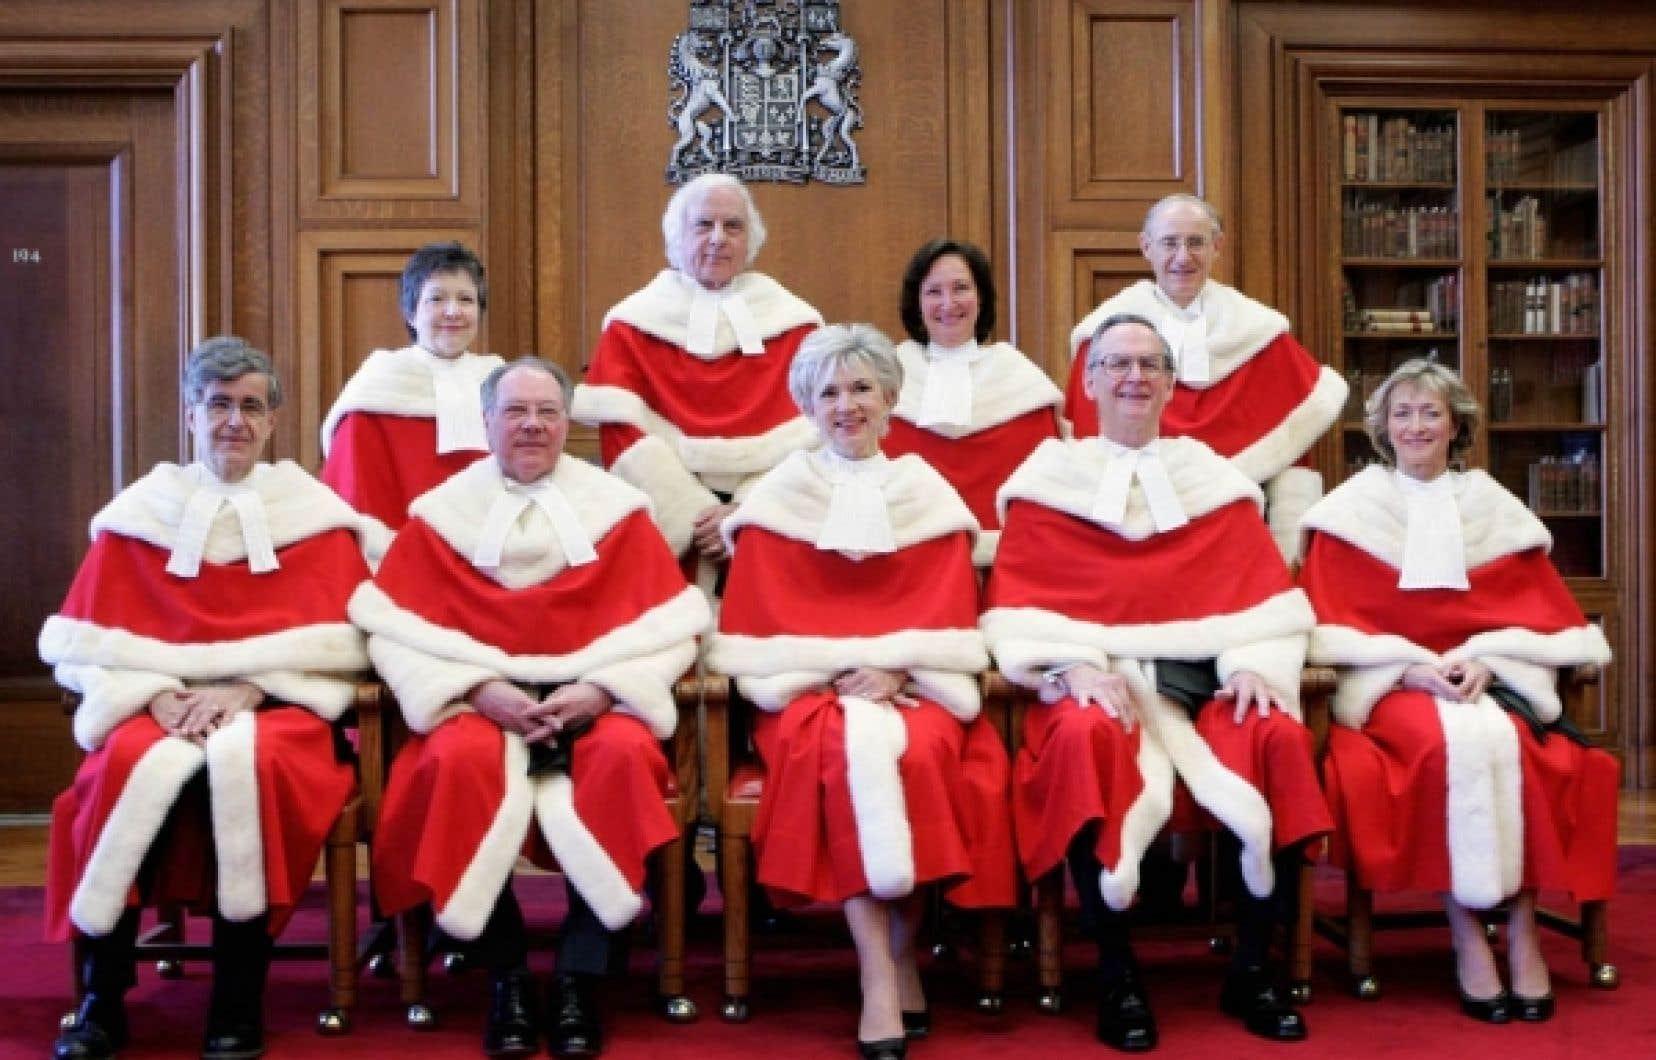 Photo des juges de la Cour suprême en 2006. Michel Bastarache (deuxième à gauche, au premier rang) a été nommé en 1997 à la plus haute magistrature du pays après seulement deux ans à la Cour d'appel du Nouveau-Brunswick.